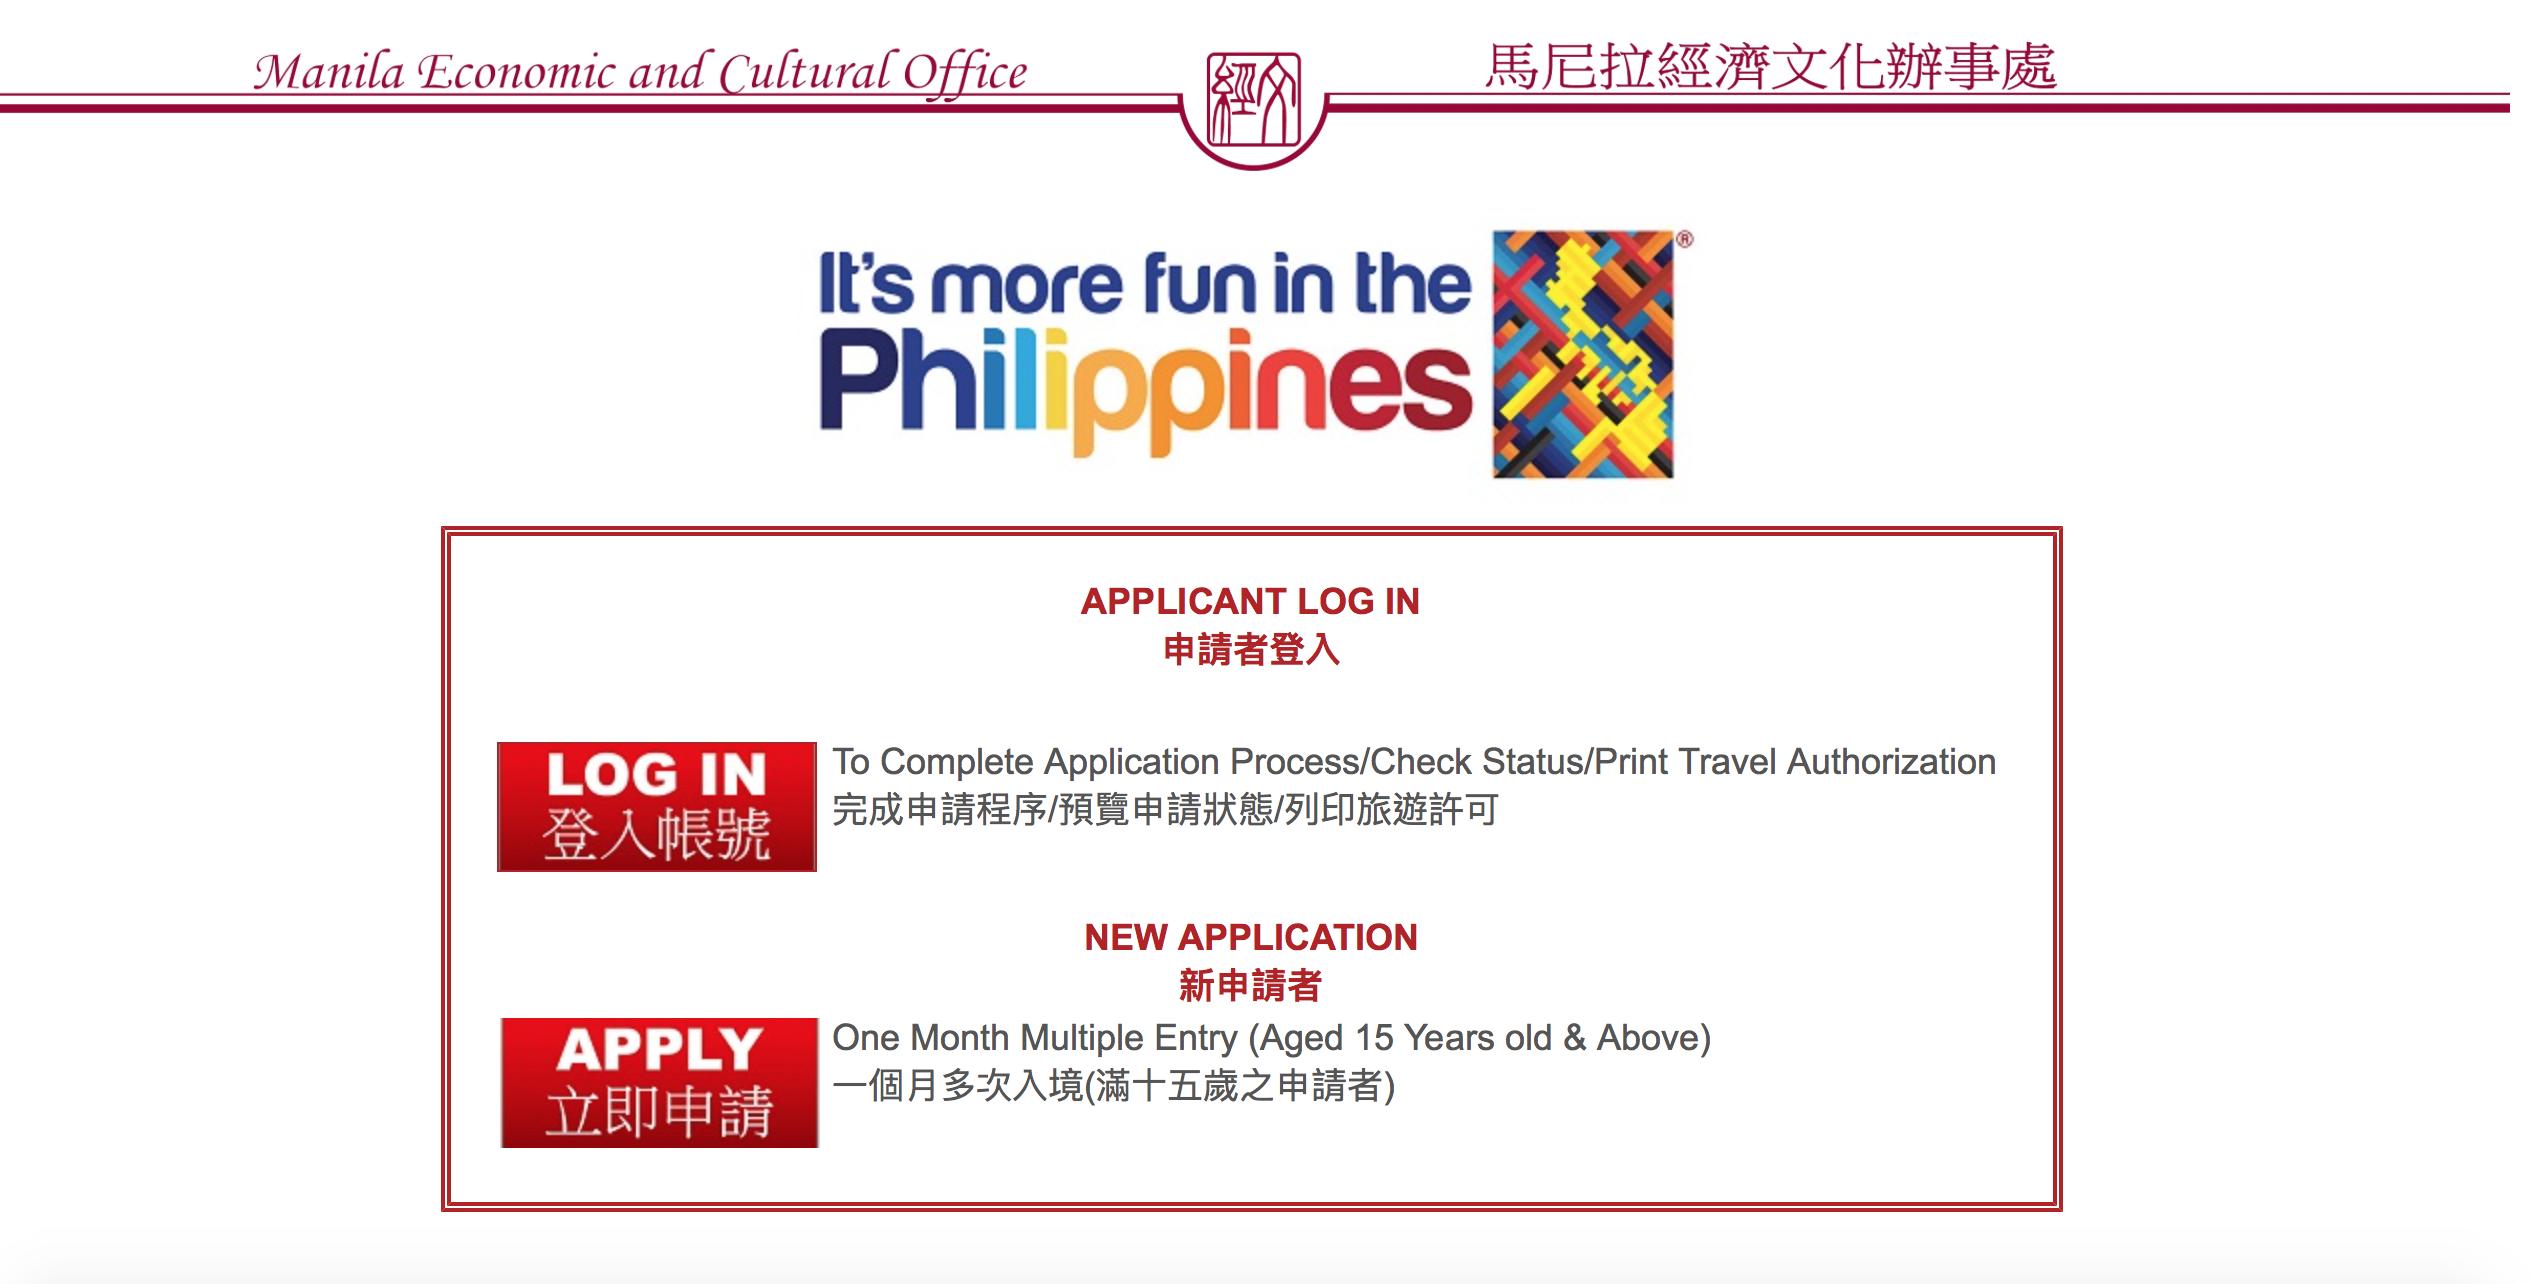 馬尼拉辦事處簽證申請